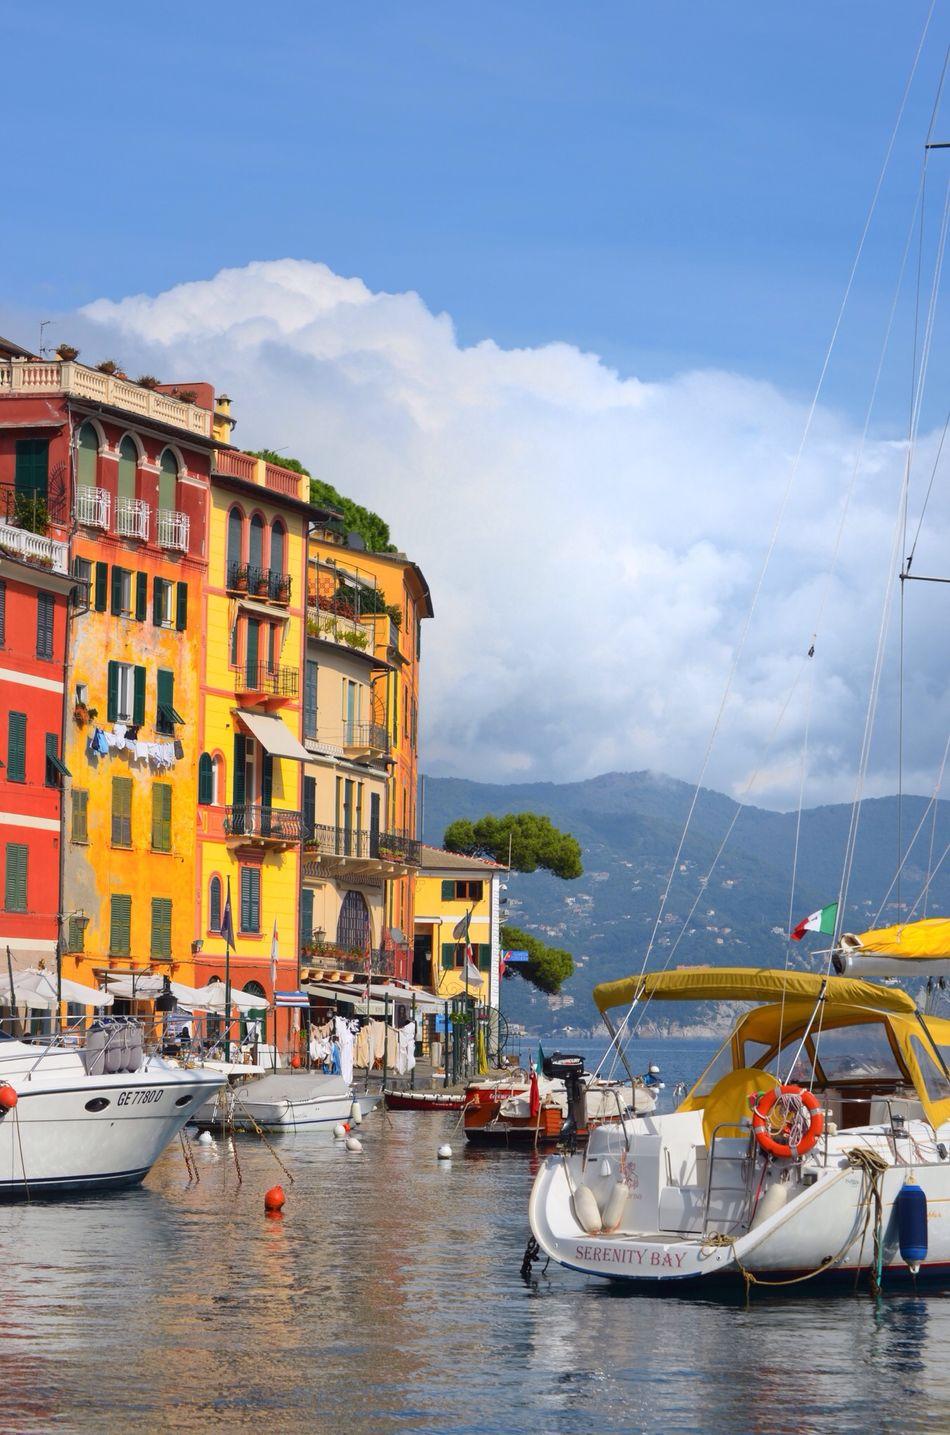 Günaydın ! Good morning !! I found my love in Portofino ❤️❤️❤️ Hello World Landscape_Collection EyeEm Best Shots - No Edit Water_collection